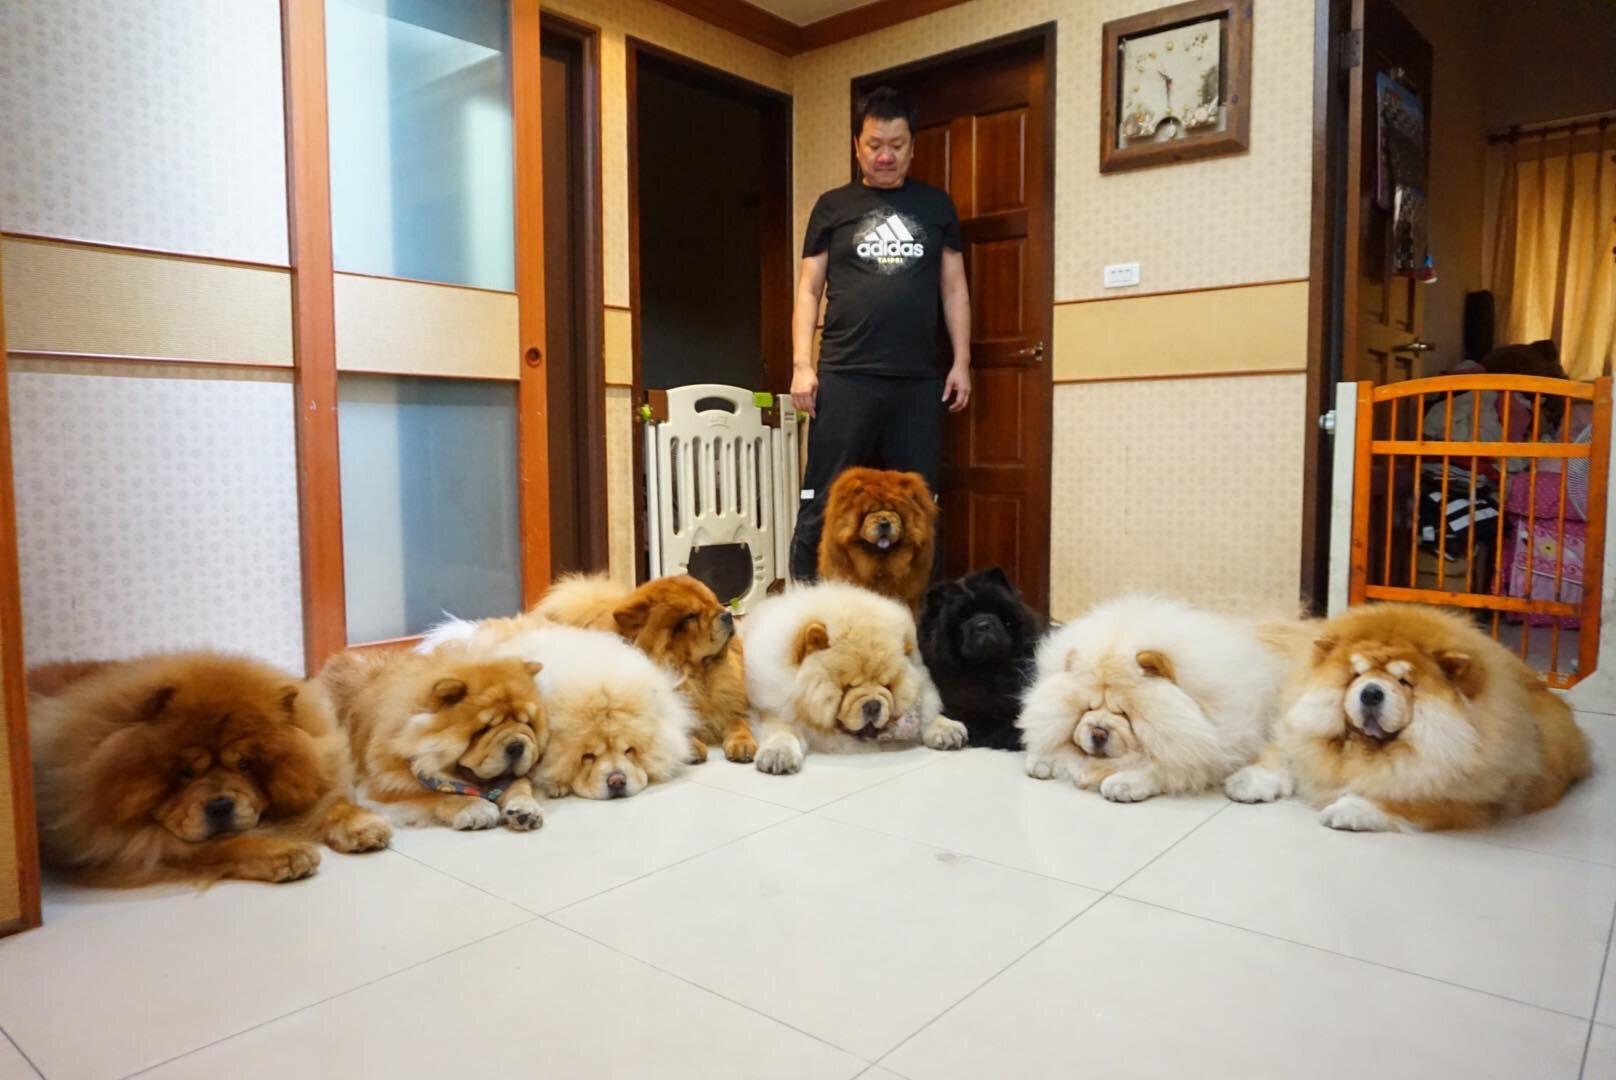 在掌握飼養訣竅後,9隻鬆獅犬的大家庭不再只是神話